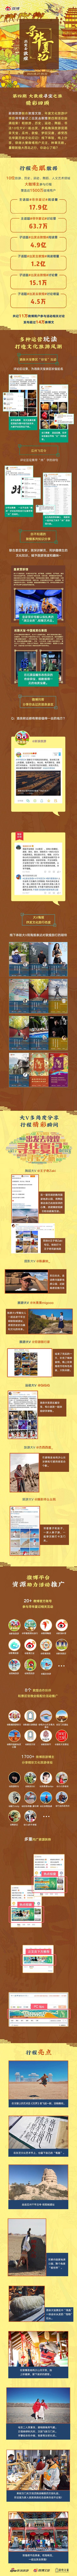 新浪旅游联合敦煌文旅,年度文化旅游IP项目之第四期活动圆满结束